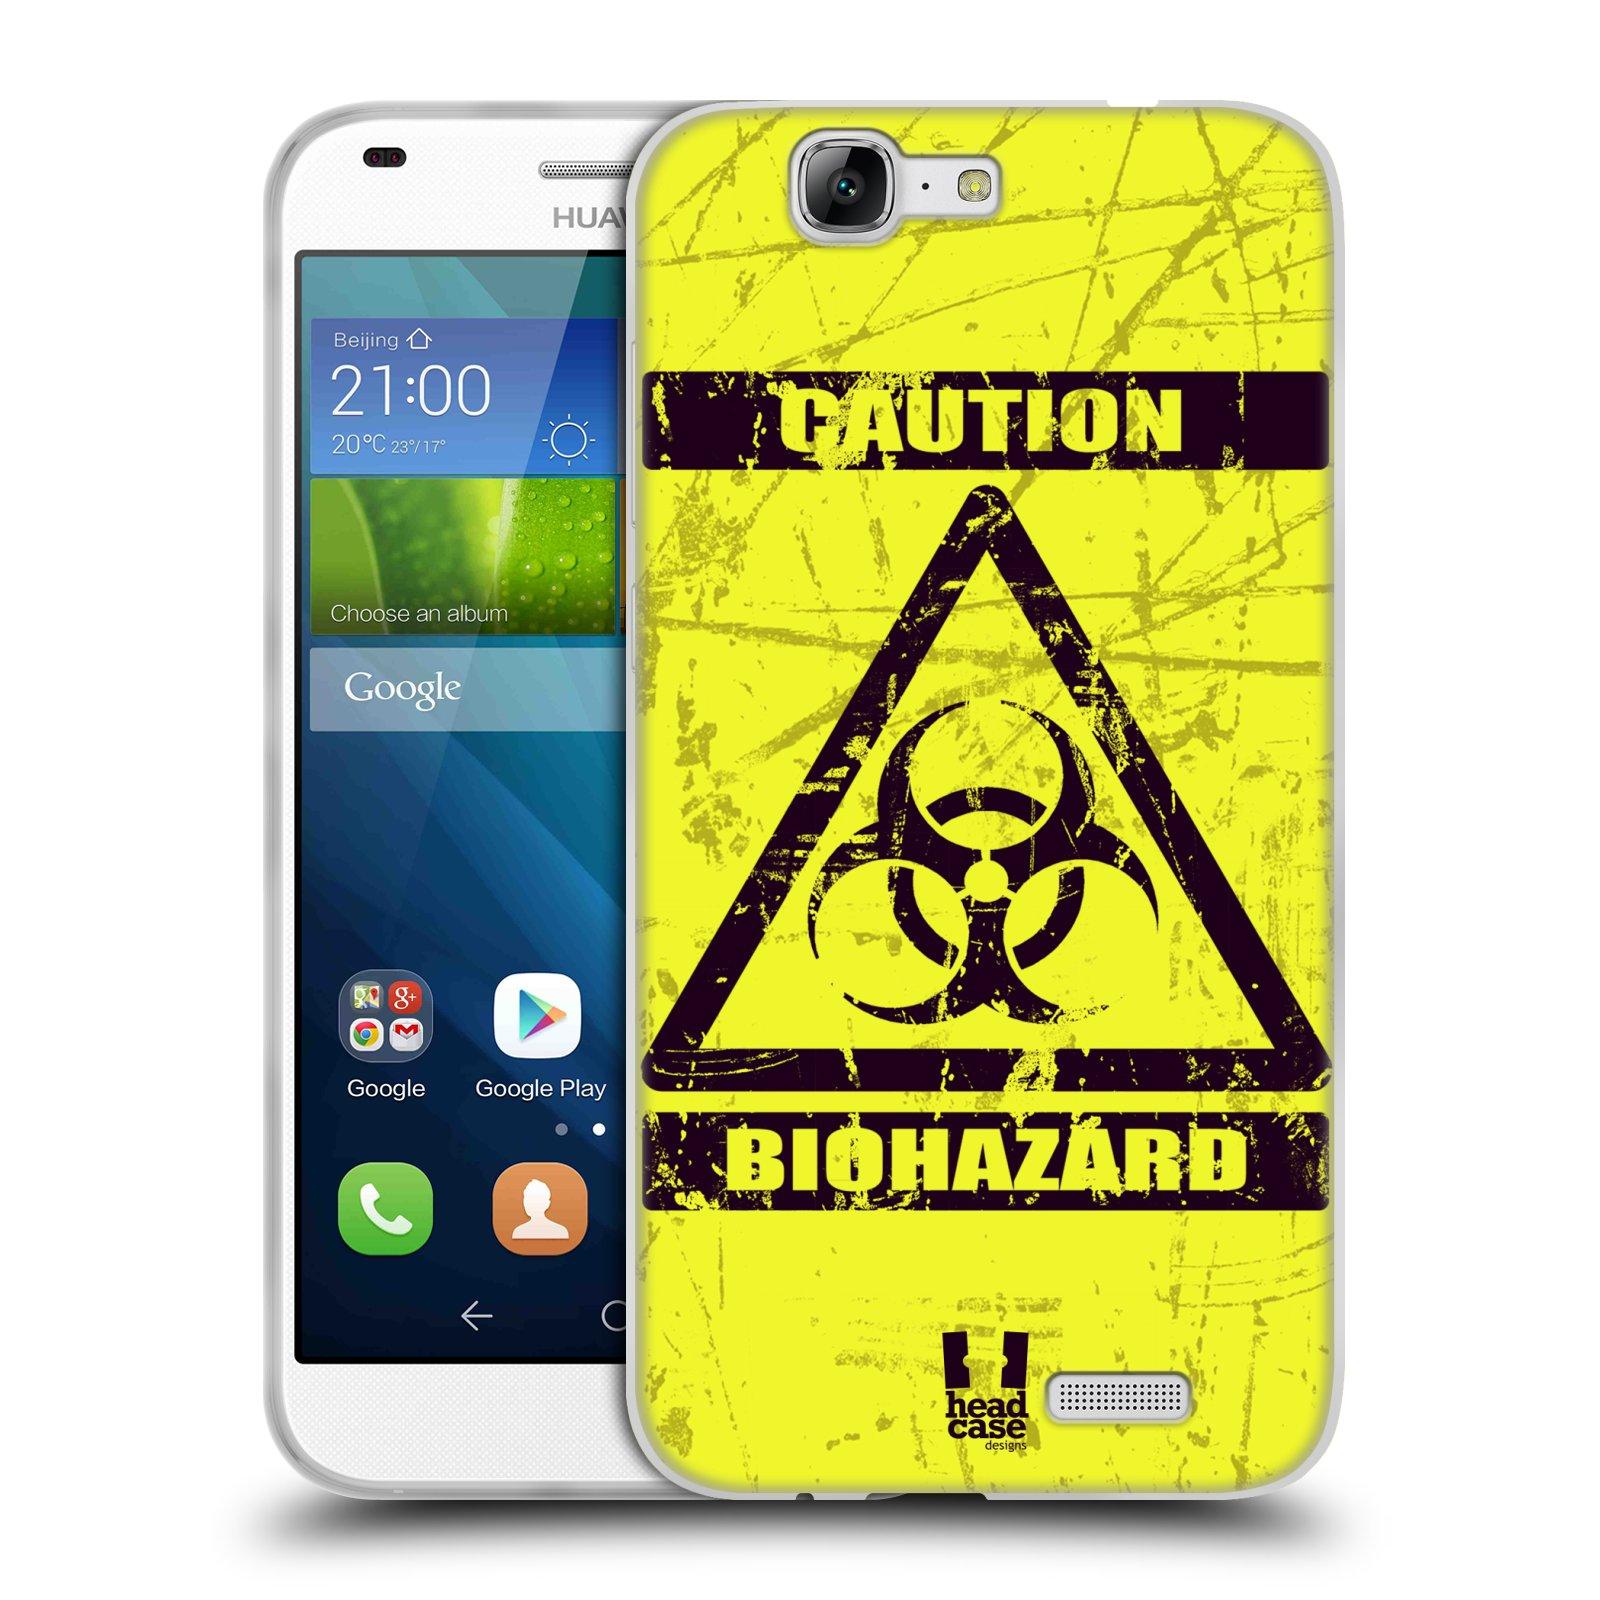 Silikonové pouzdro na mobil Huawei Ascend G7 HEAD CASE BIOHAZARD (Silikonový kryt či obal na mobilní telefon Huawei Ascend G7)